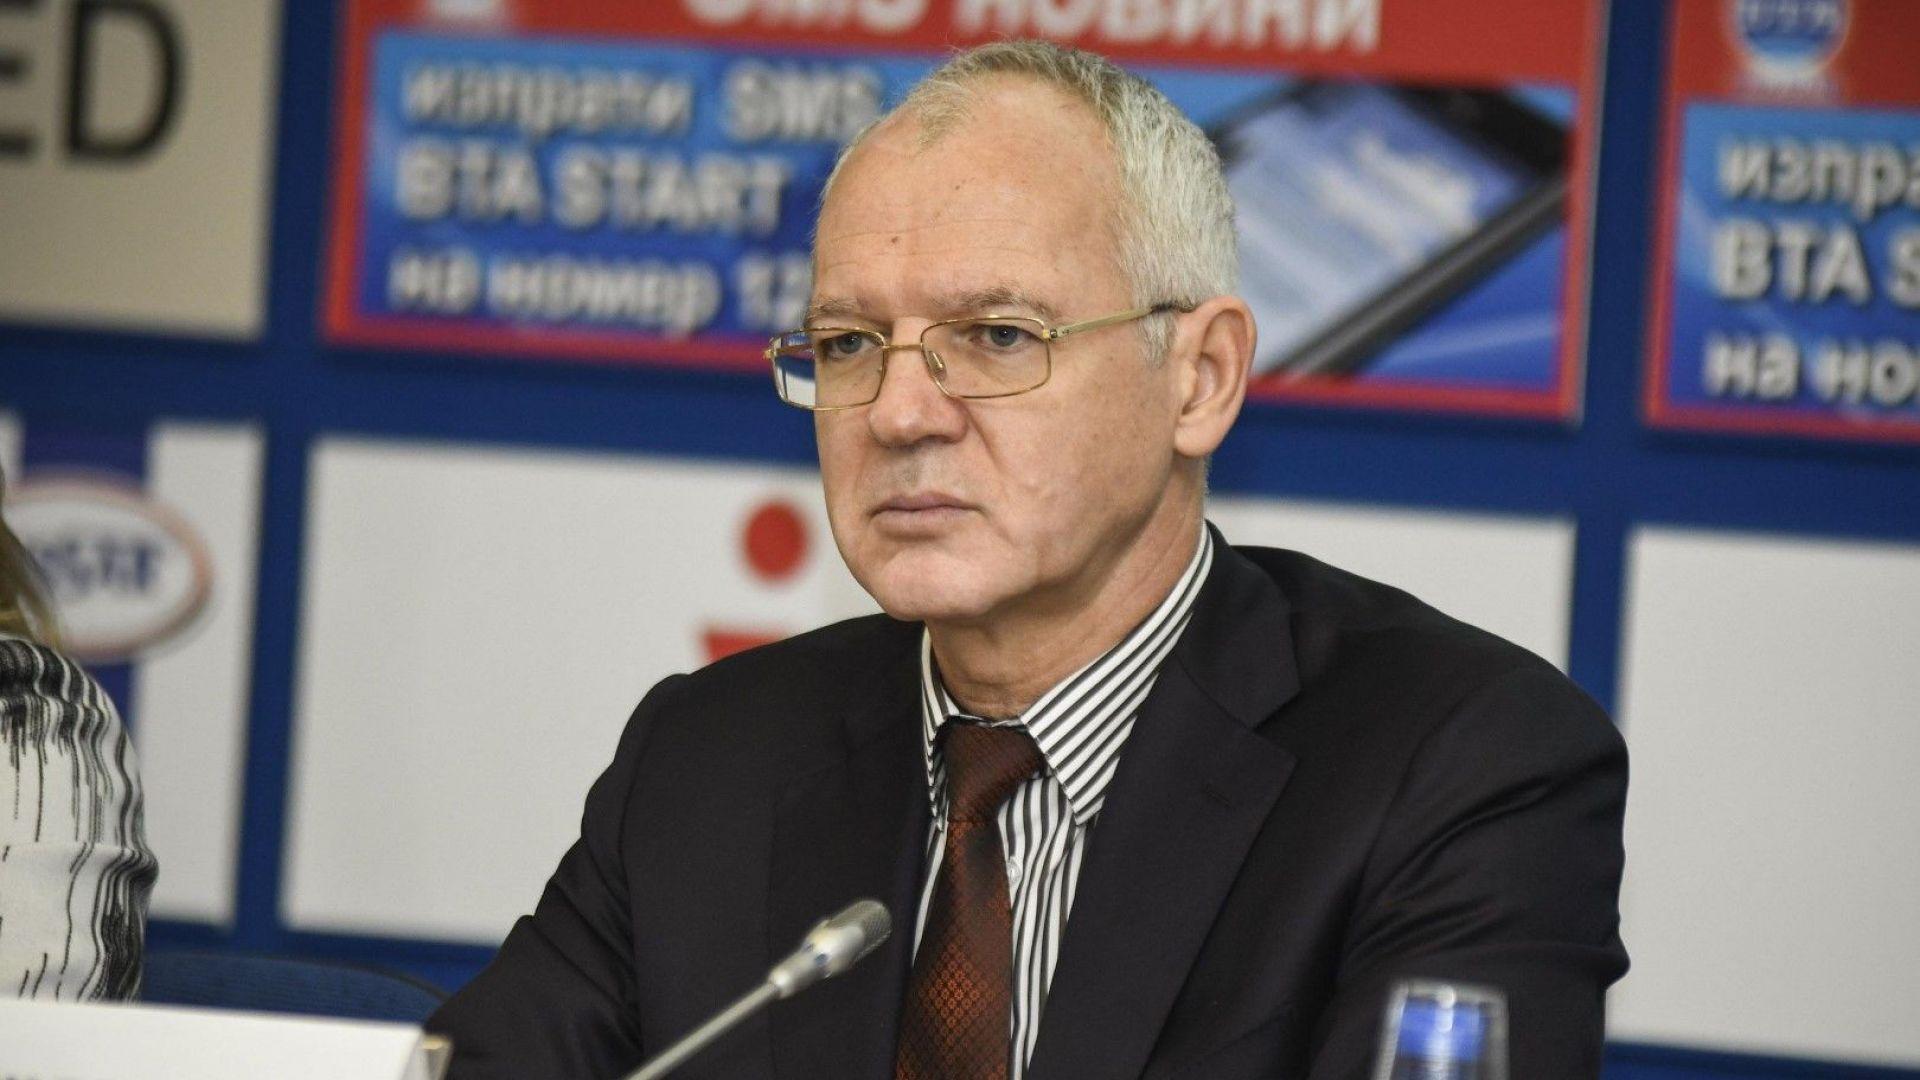 Васил Велев обяви, че кризата е дошла: Какво показва статистиката?